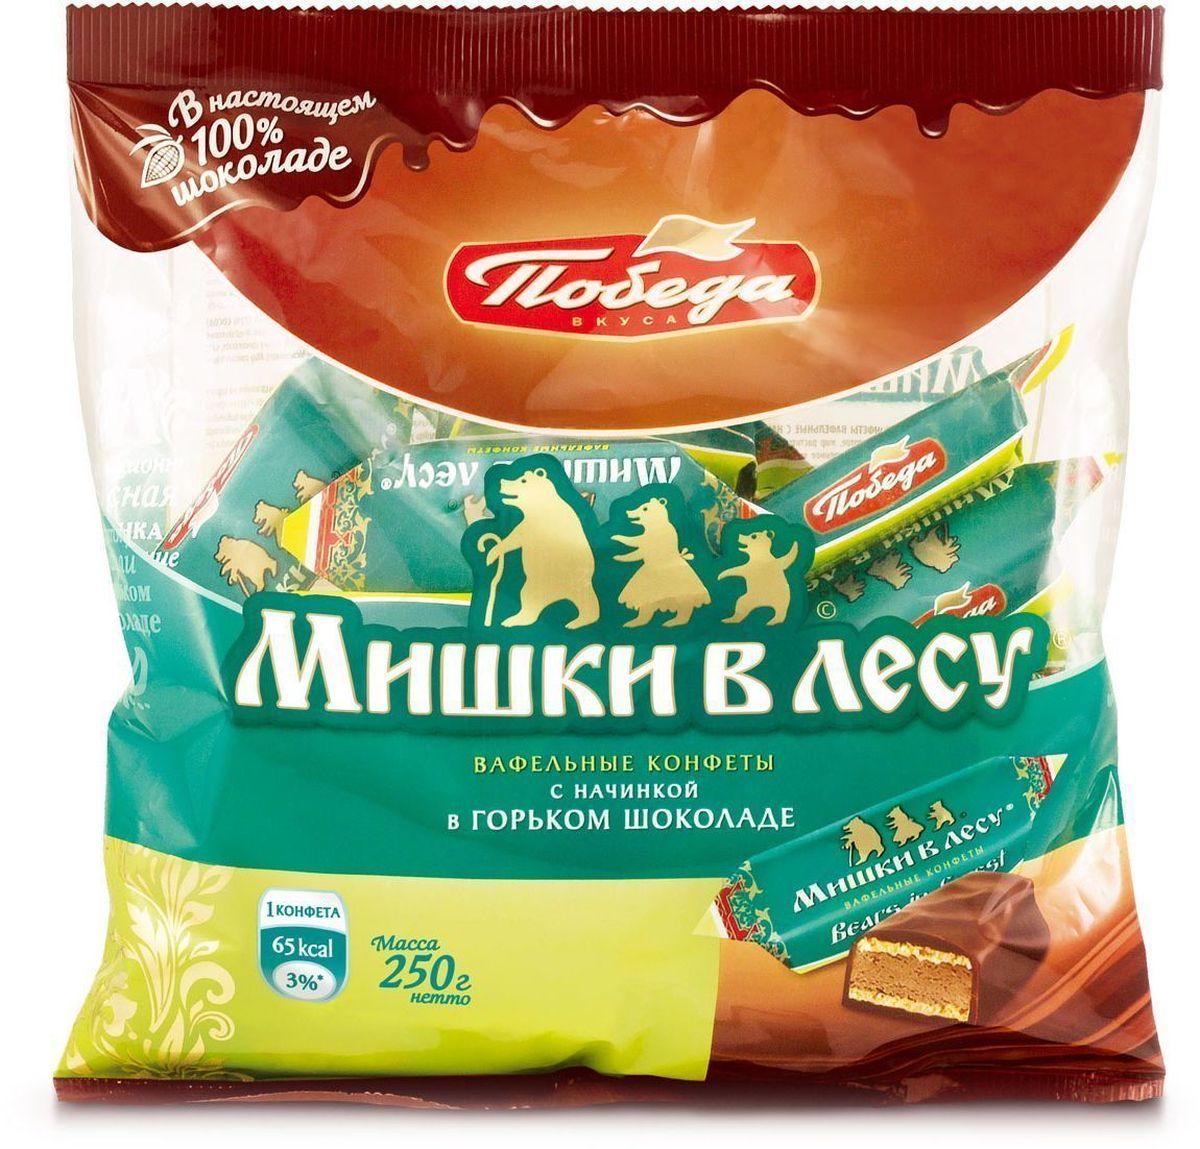 Победа вкуса Победа вкуса Мишки в лесу вафельные конфеты с начинкой в горьком шоколаде (72%), 250г391-R1Мягкая молочно-шоколадная начинка с хрустящей вафлей и карамелью в горьком шоколаде 72%. Новое прочтение традиционной рецептуры раскрывает богатство композиции и придает оригинальность вкусовым оттенкам.